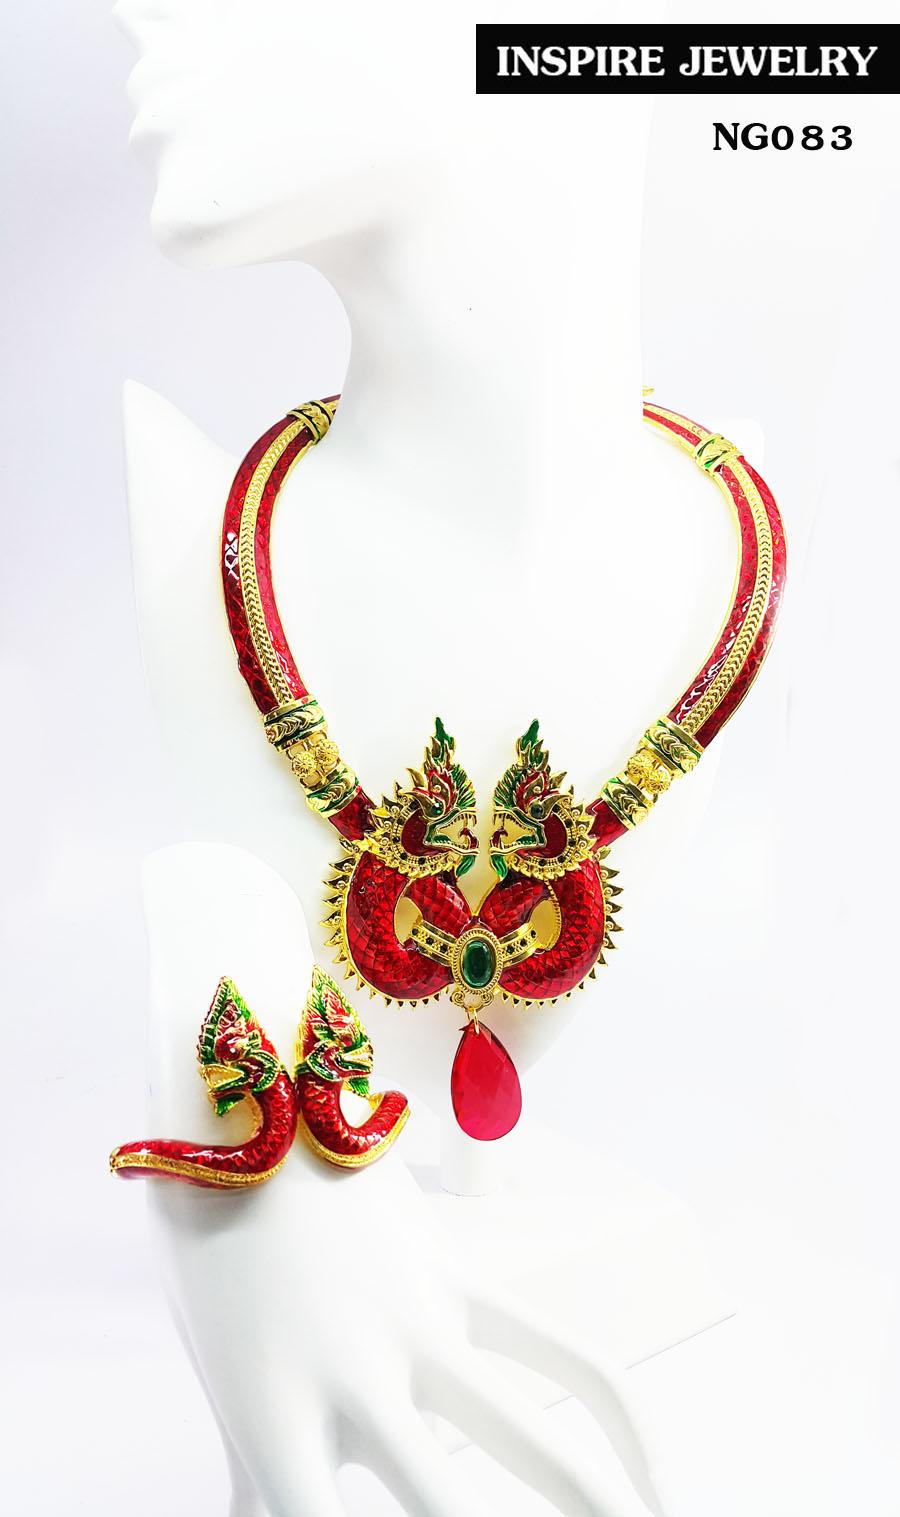 Inspire Jewelry ชุดกำไลพญานาคลงยา พร้อม สร้อยคอพญานาคลงยา สำหรับพิธีการบูชาพญานาคราช งานเฉพาะกิจ หรือบูชา การแต่งกายที่ต้องการเอกลักษณ์พิเศษ ถวายบนหิ้งเป็นต้น